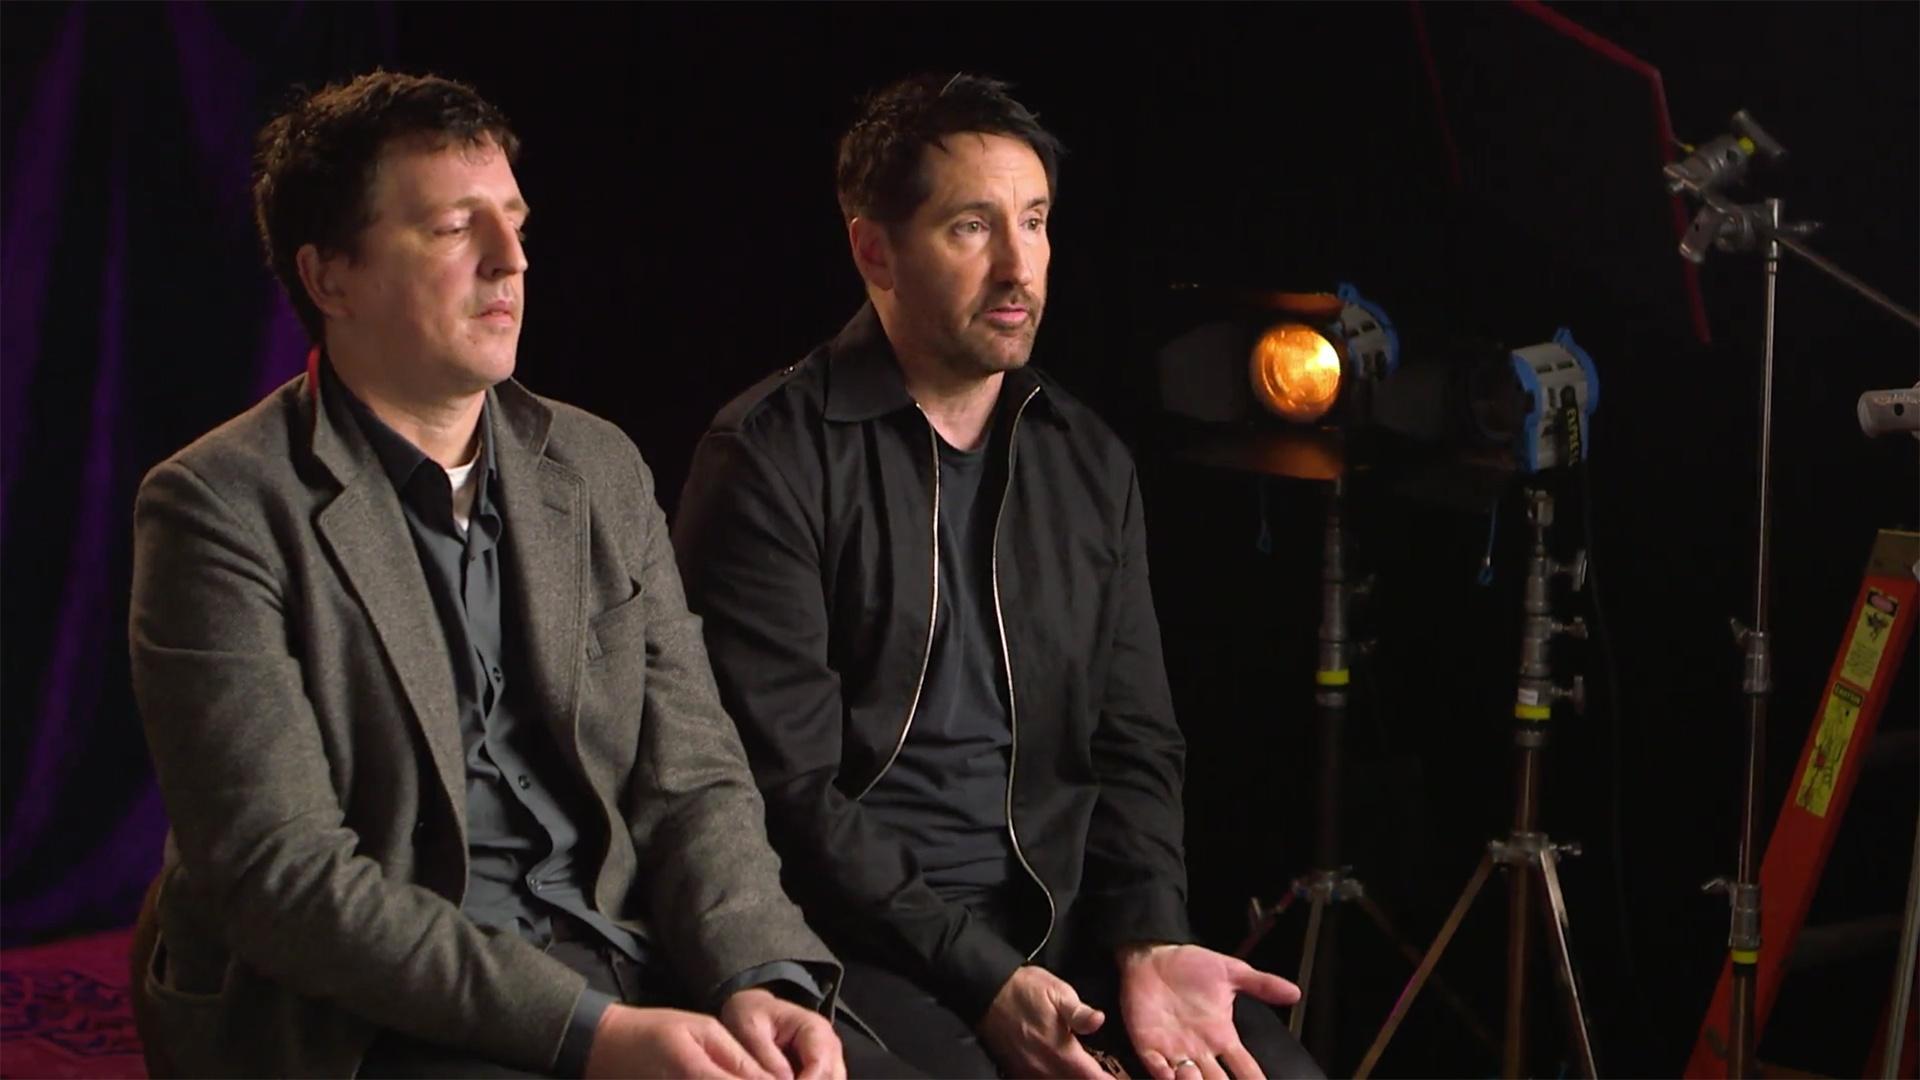 Trent Reznor & Atticus Ross | Composing The Score